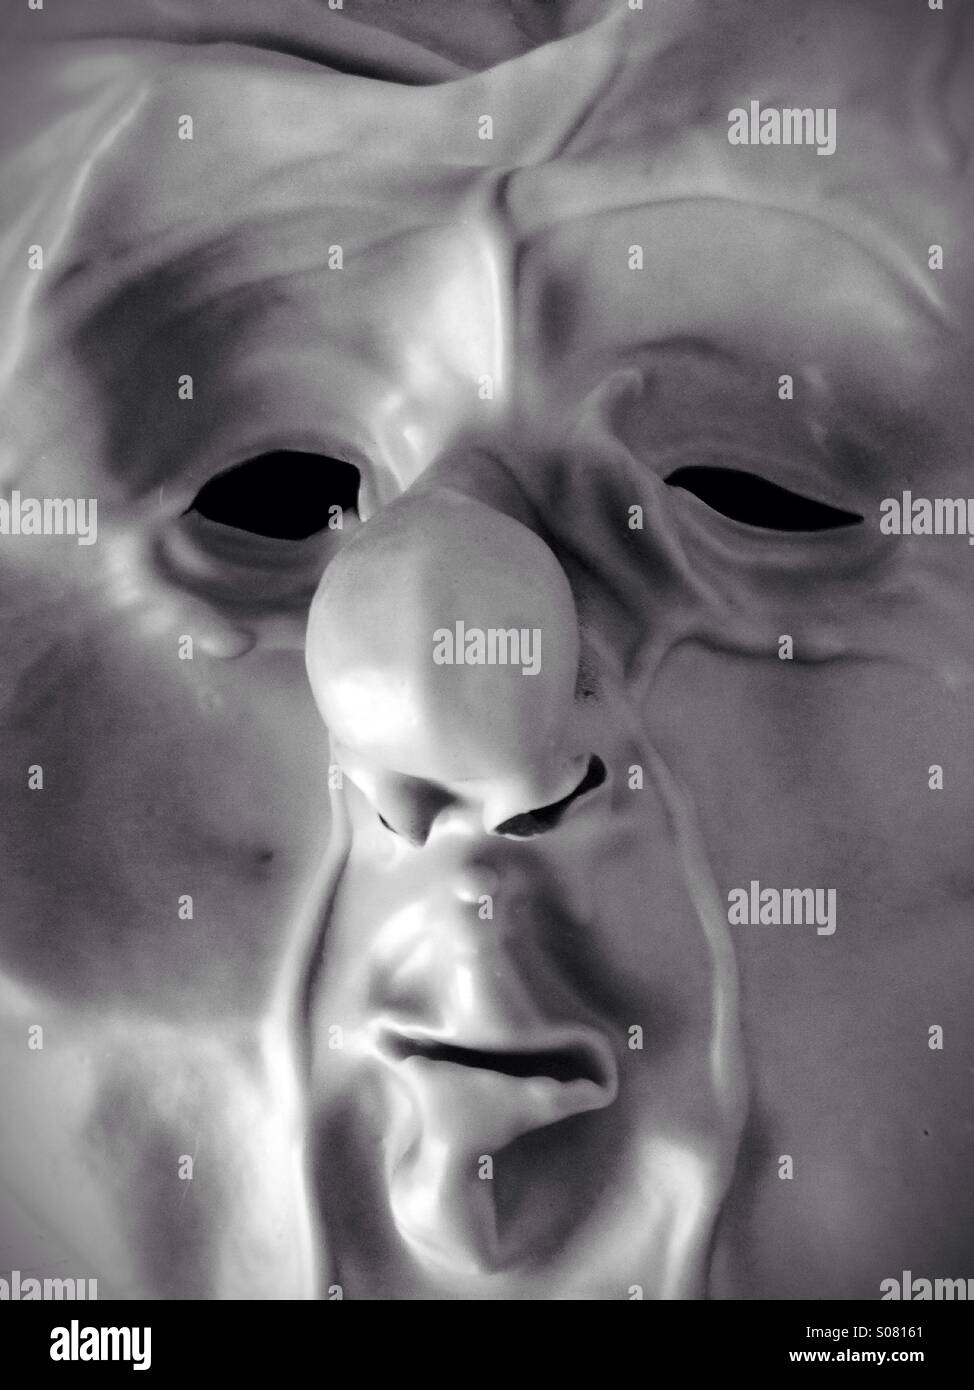 Eine groteske Gesichtsmaske umgekrempelt. Stockbild